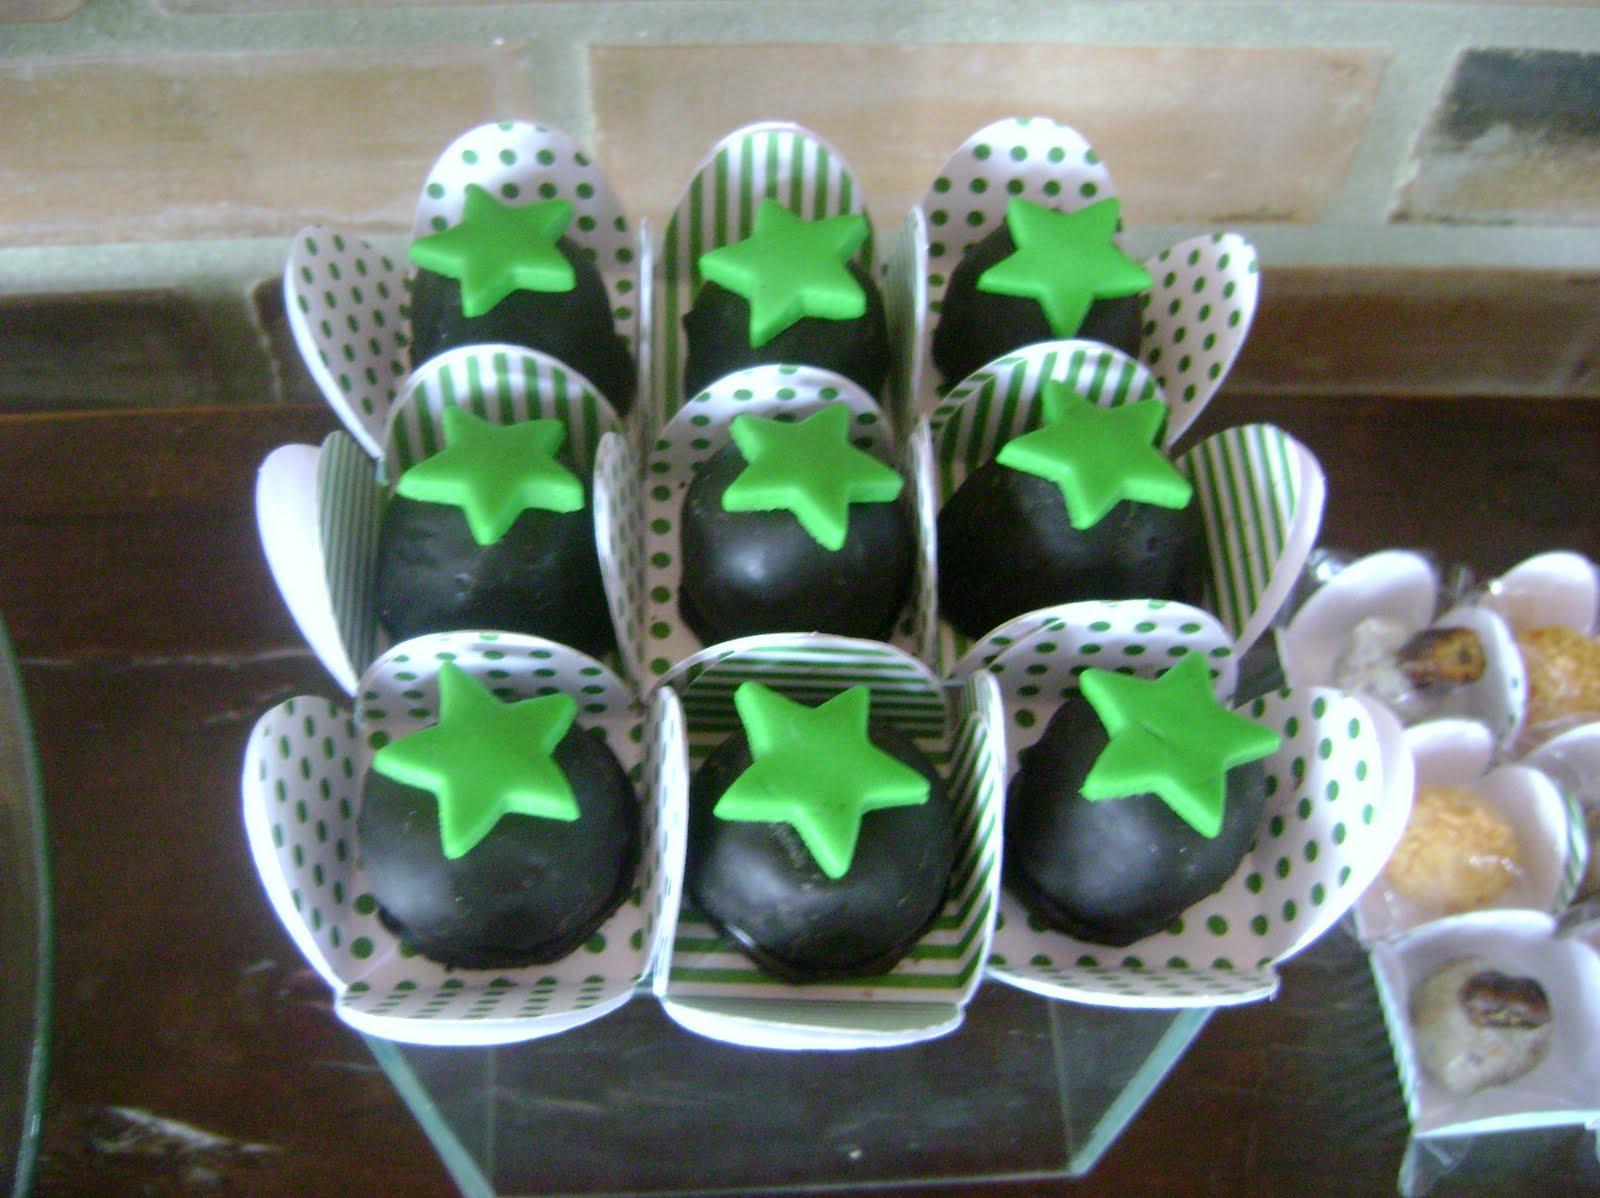 #2F9C45 Michelle Lecce Bolos Doces e Chocolates: Aniversário 70 anos do  1600x1198 px Projetar Minha Cozinha_886 Imagens